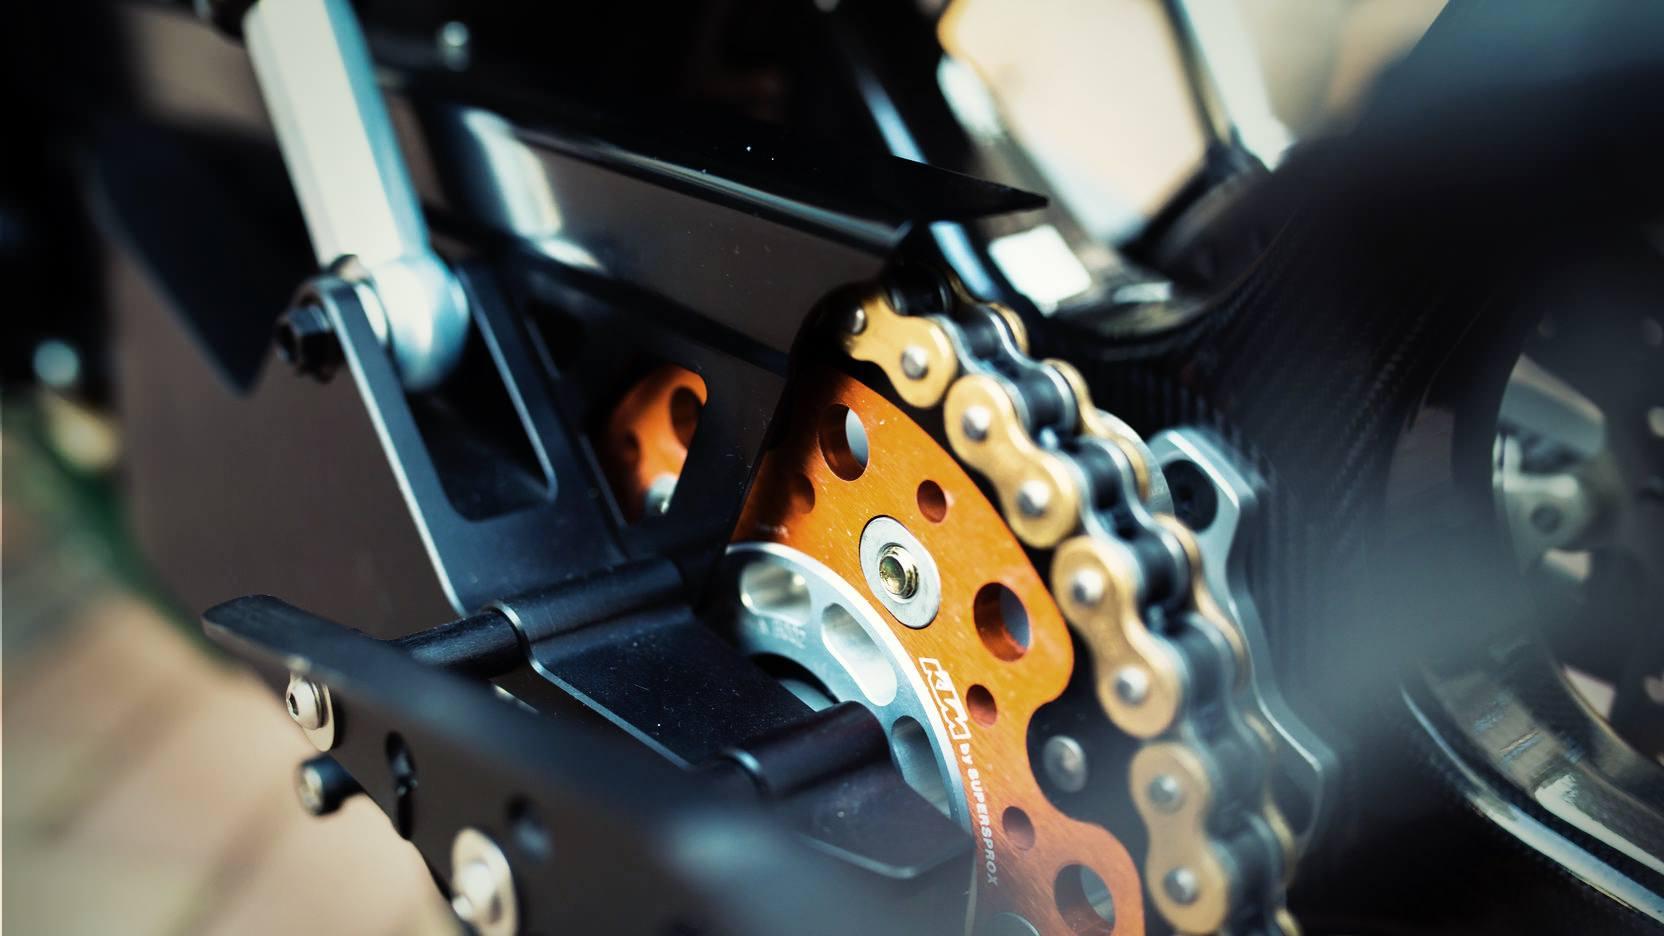 Lotus-C-01-Motorcycle-7